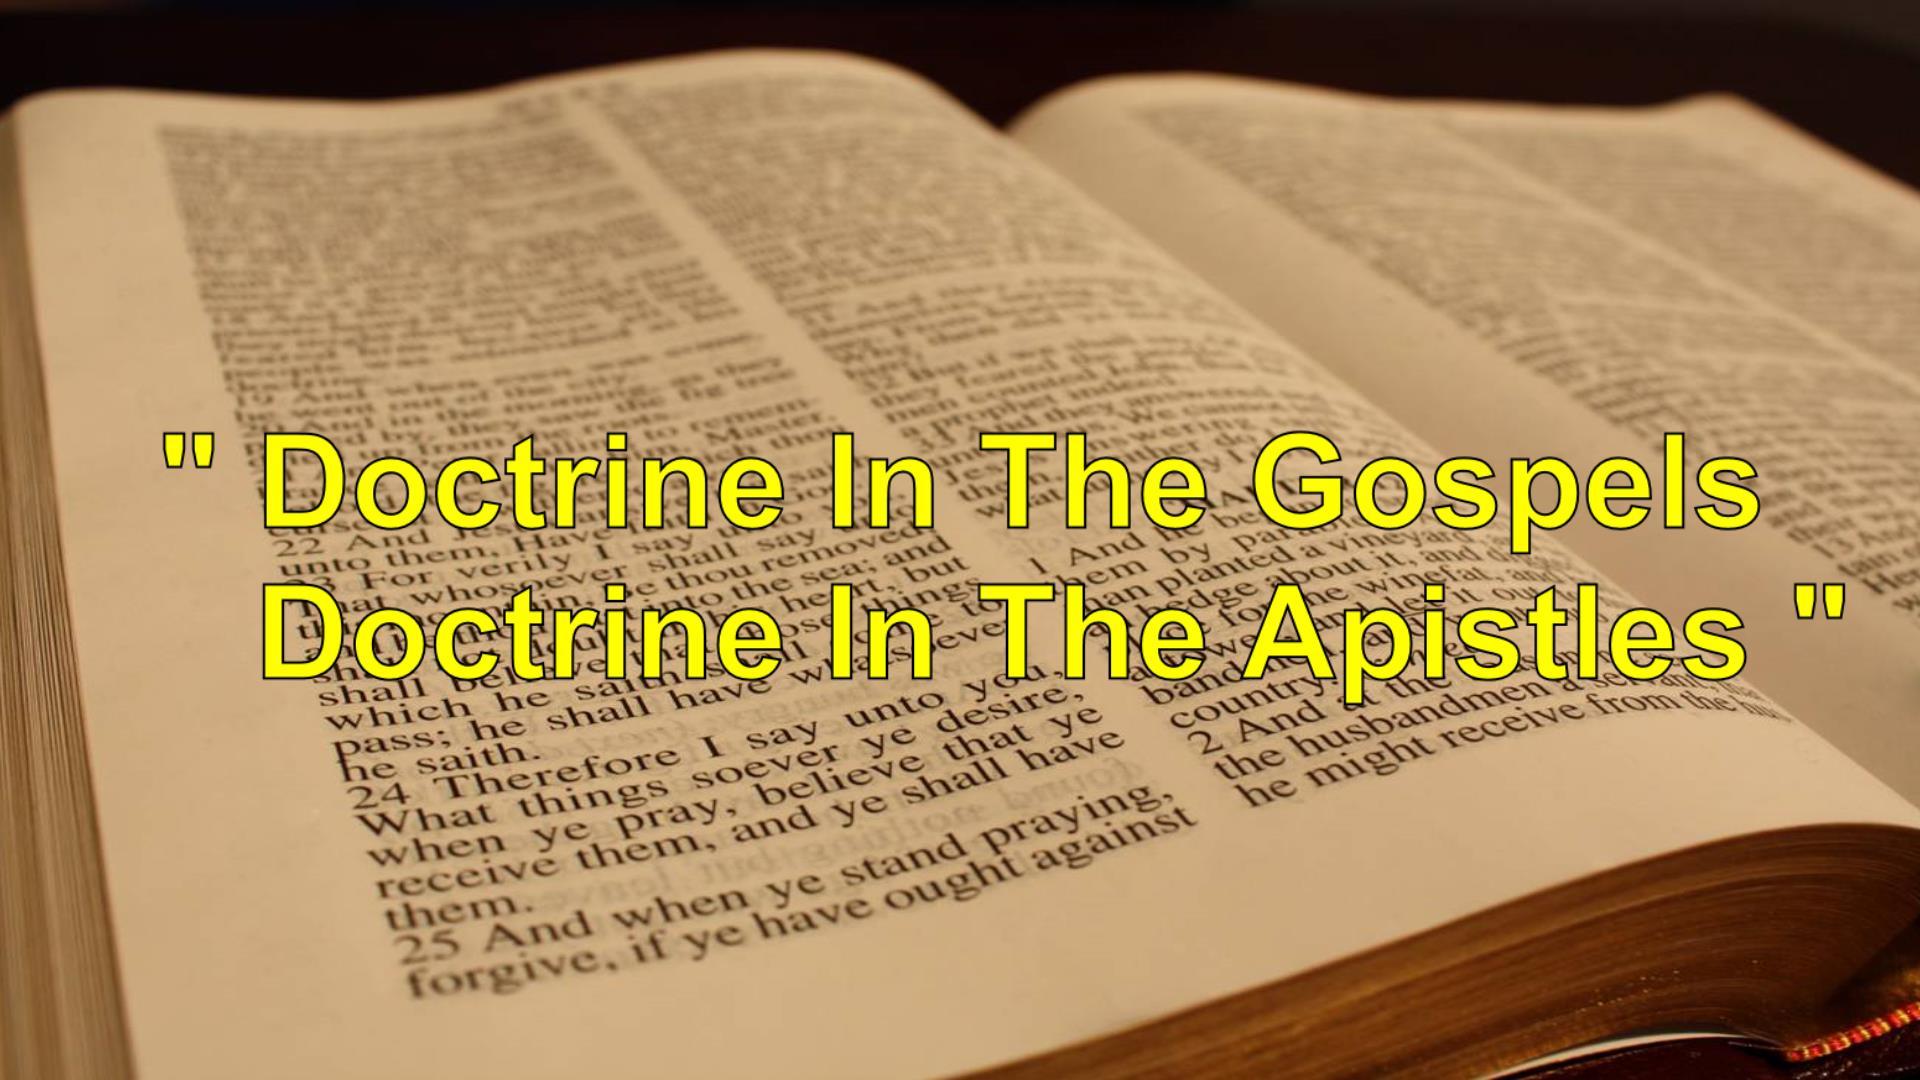 Doctrine in The Gospels/Epstles